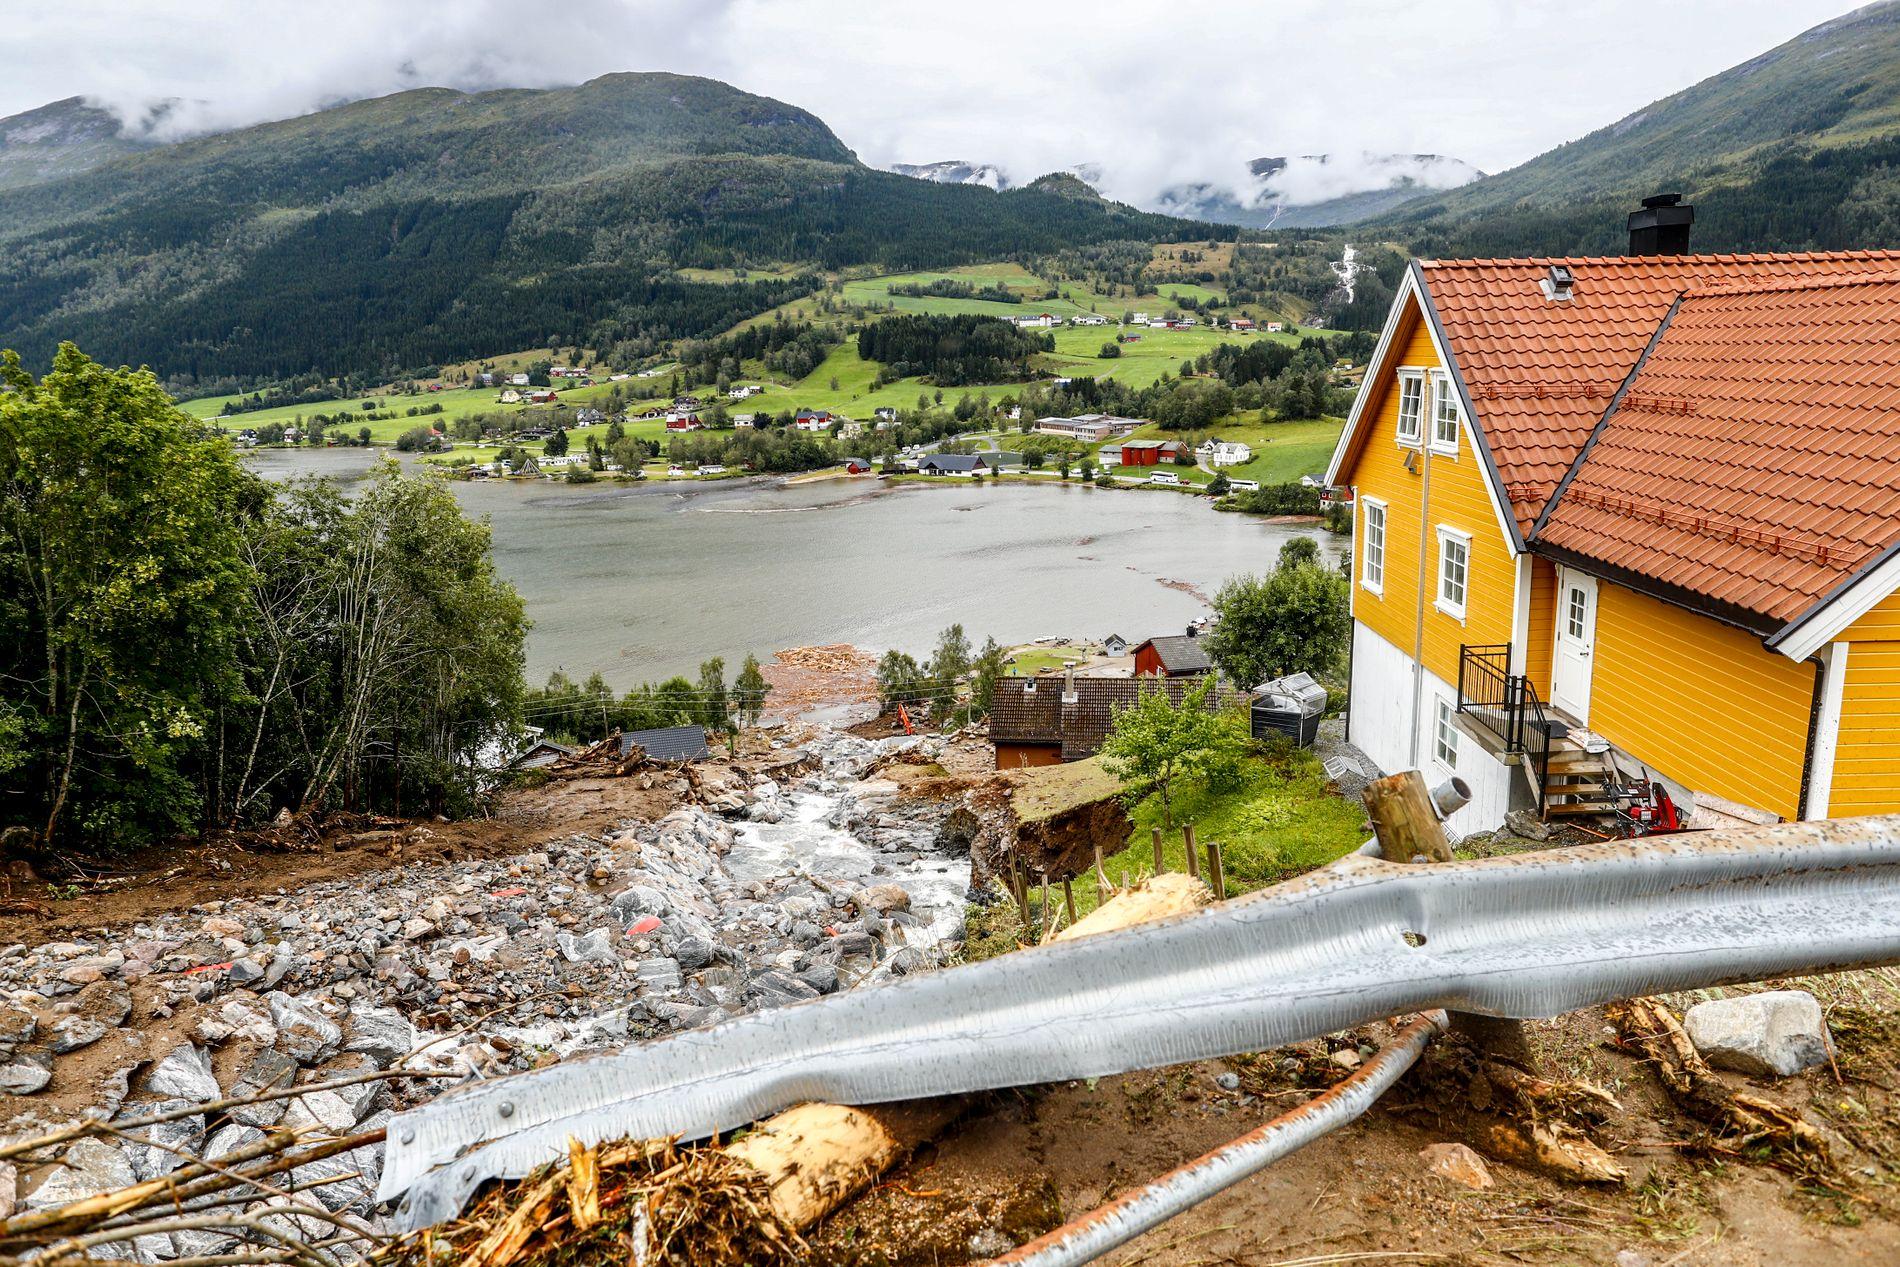 BURDE GITT ORANGE: Vakthavende meteorolog var opptatt av Østlandet, og varslet ikke om at nedbørsprognosene for Vestlandet tirsdag økt til oransje nivå, sier den interne rapporten.